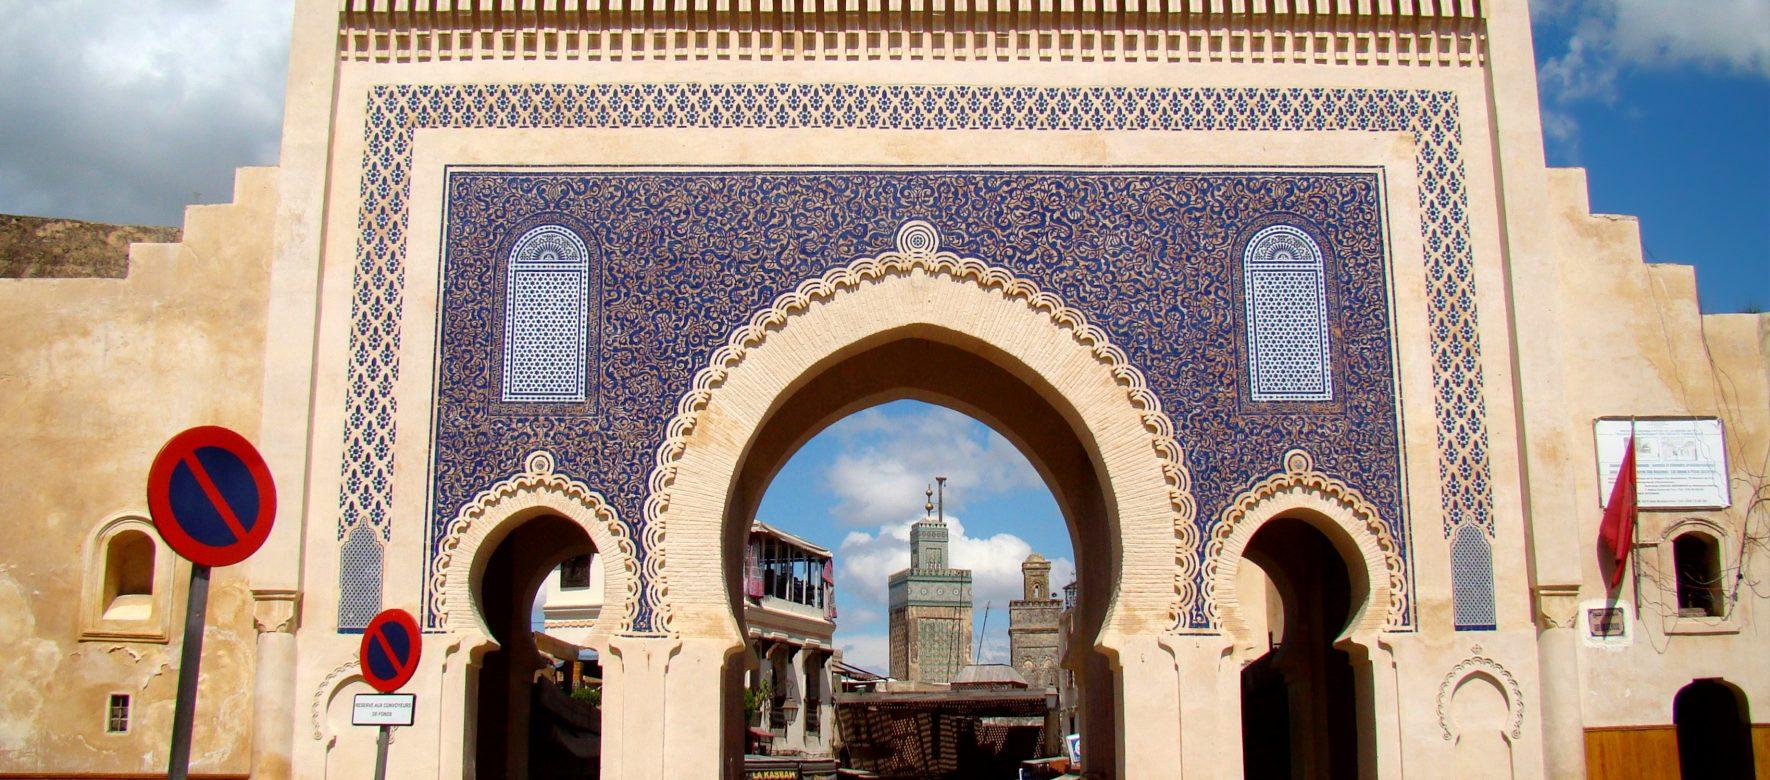 Maroc : Cap sur Fès l'impériale, Fès la spirituelle